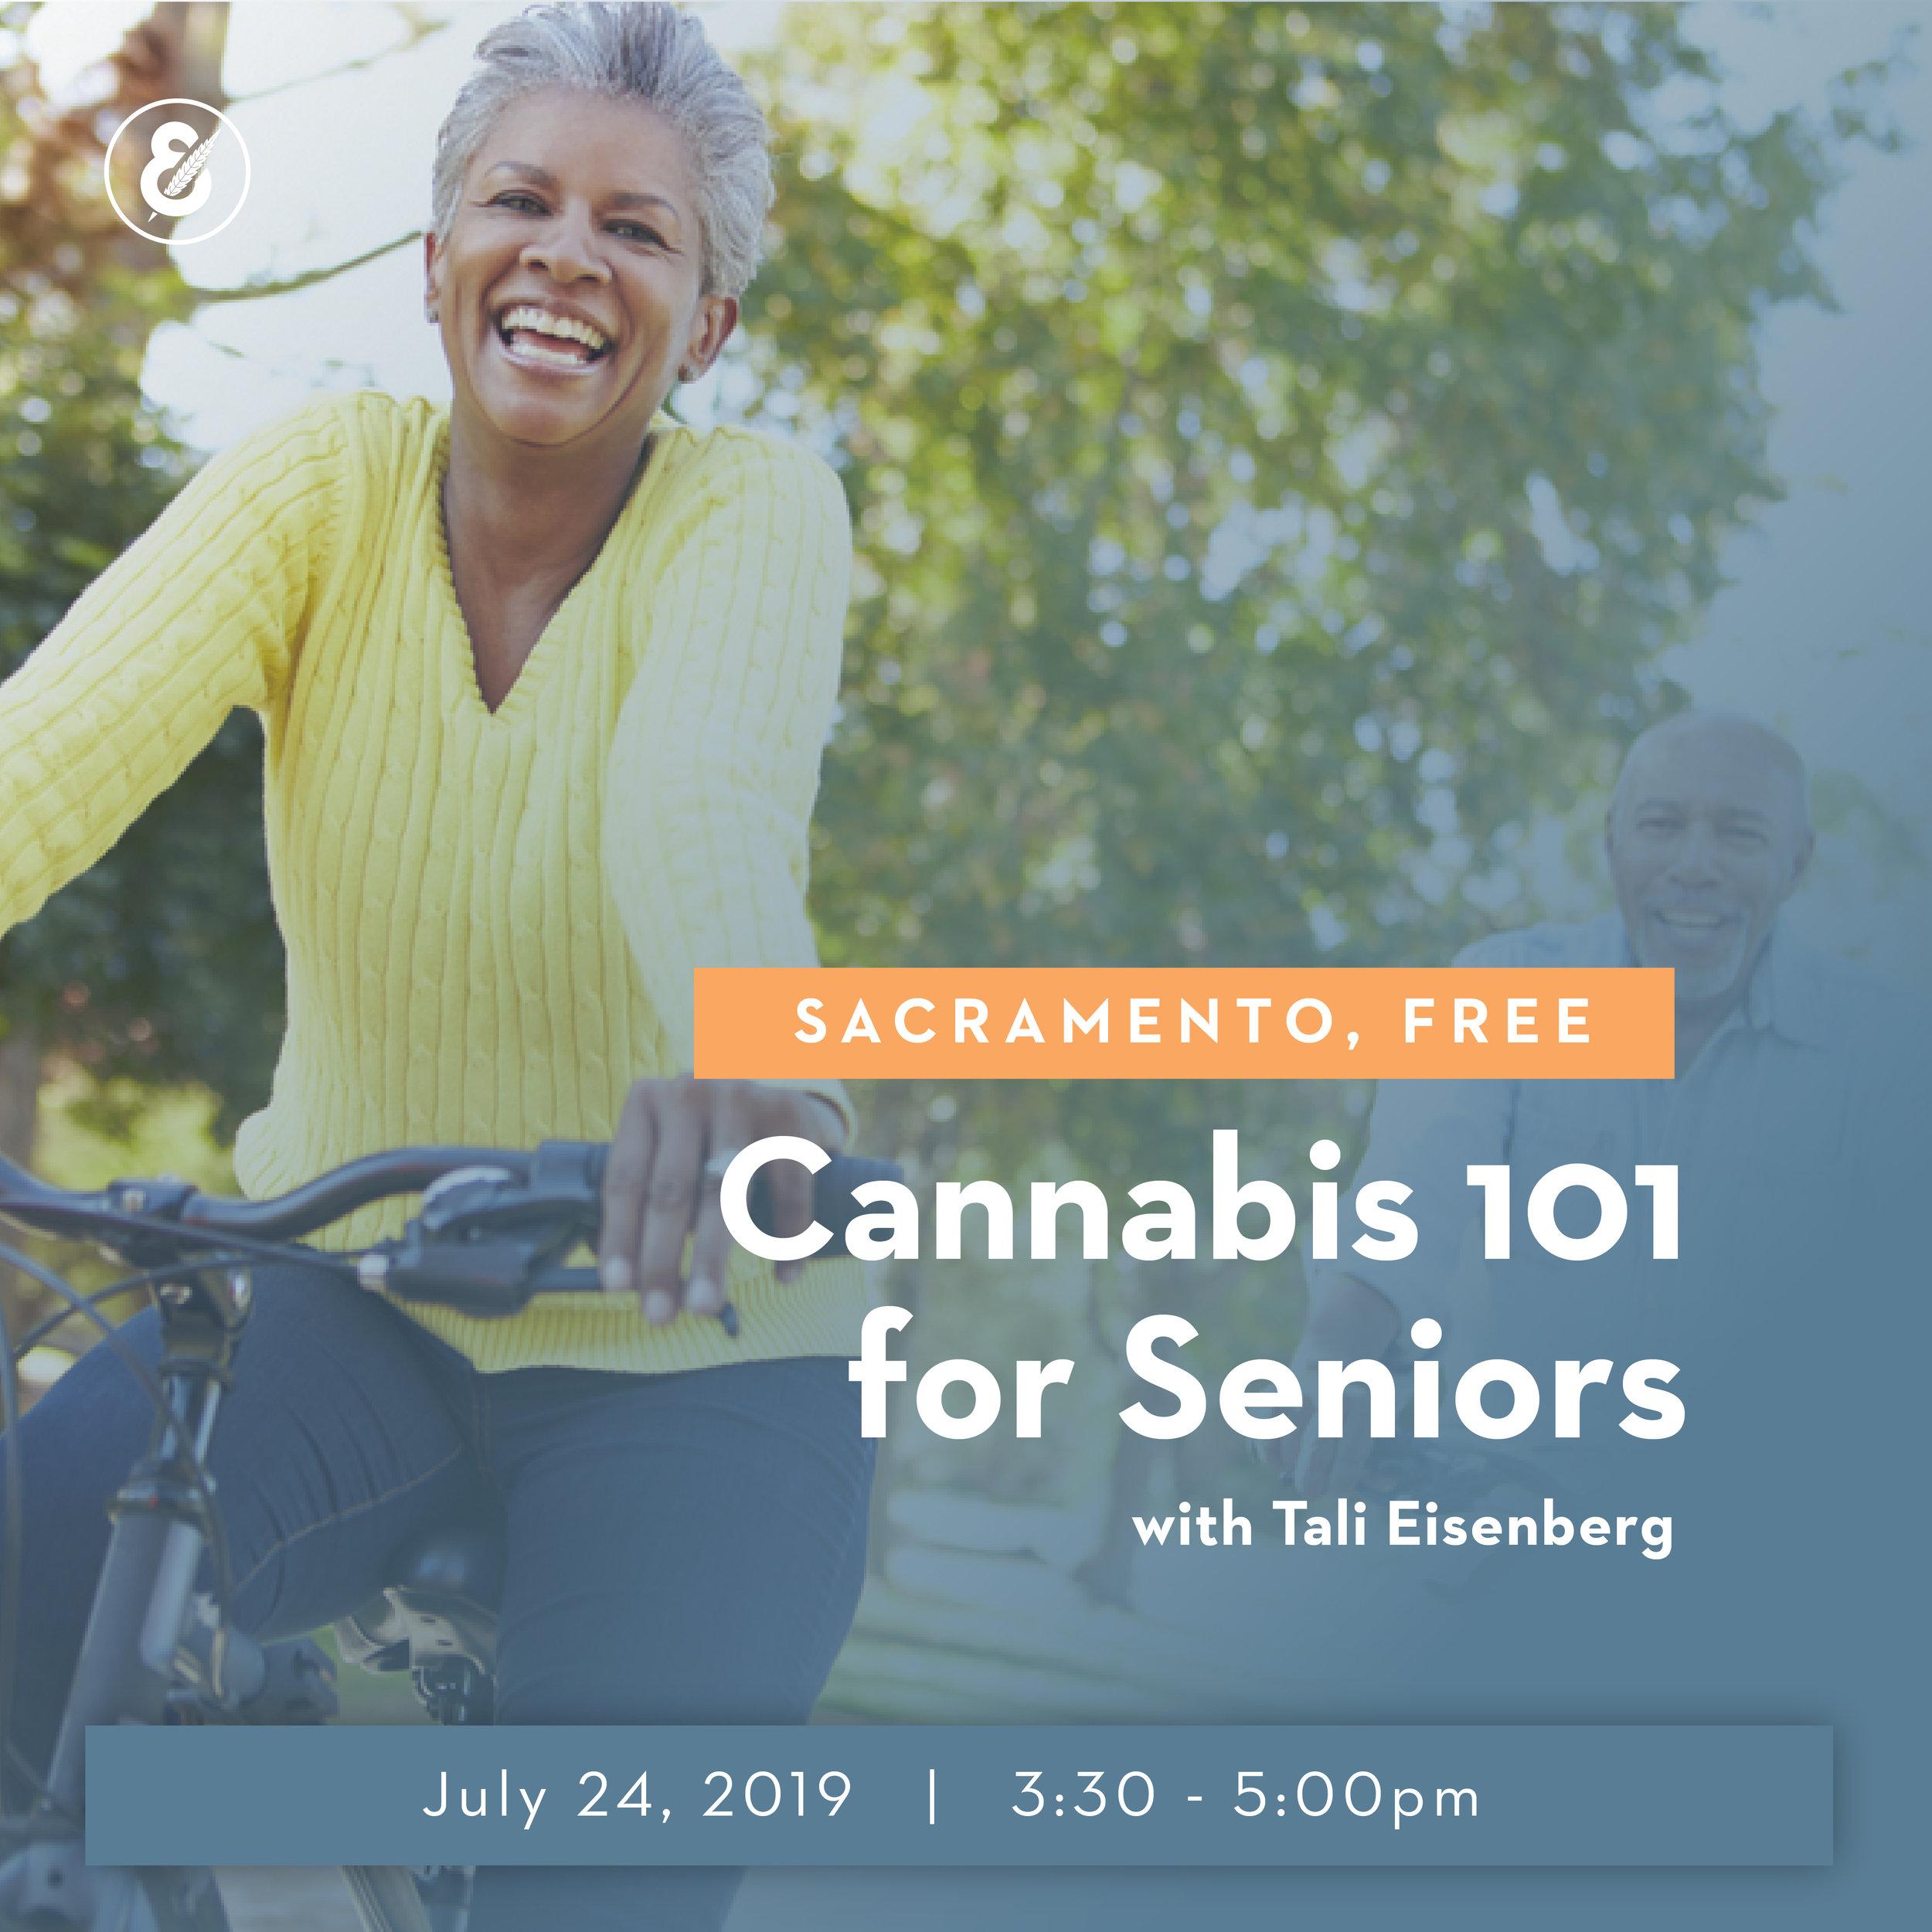 Cannabis 101_Sac_7.24.19_post.jpg